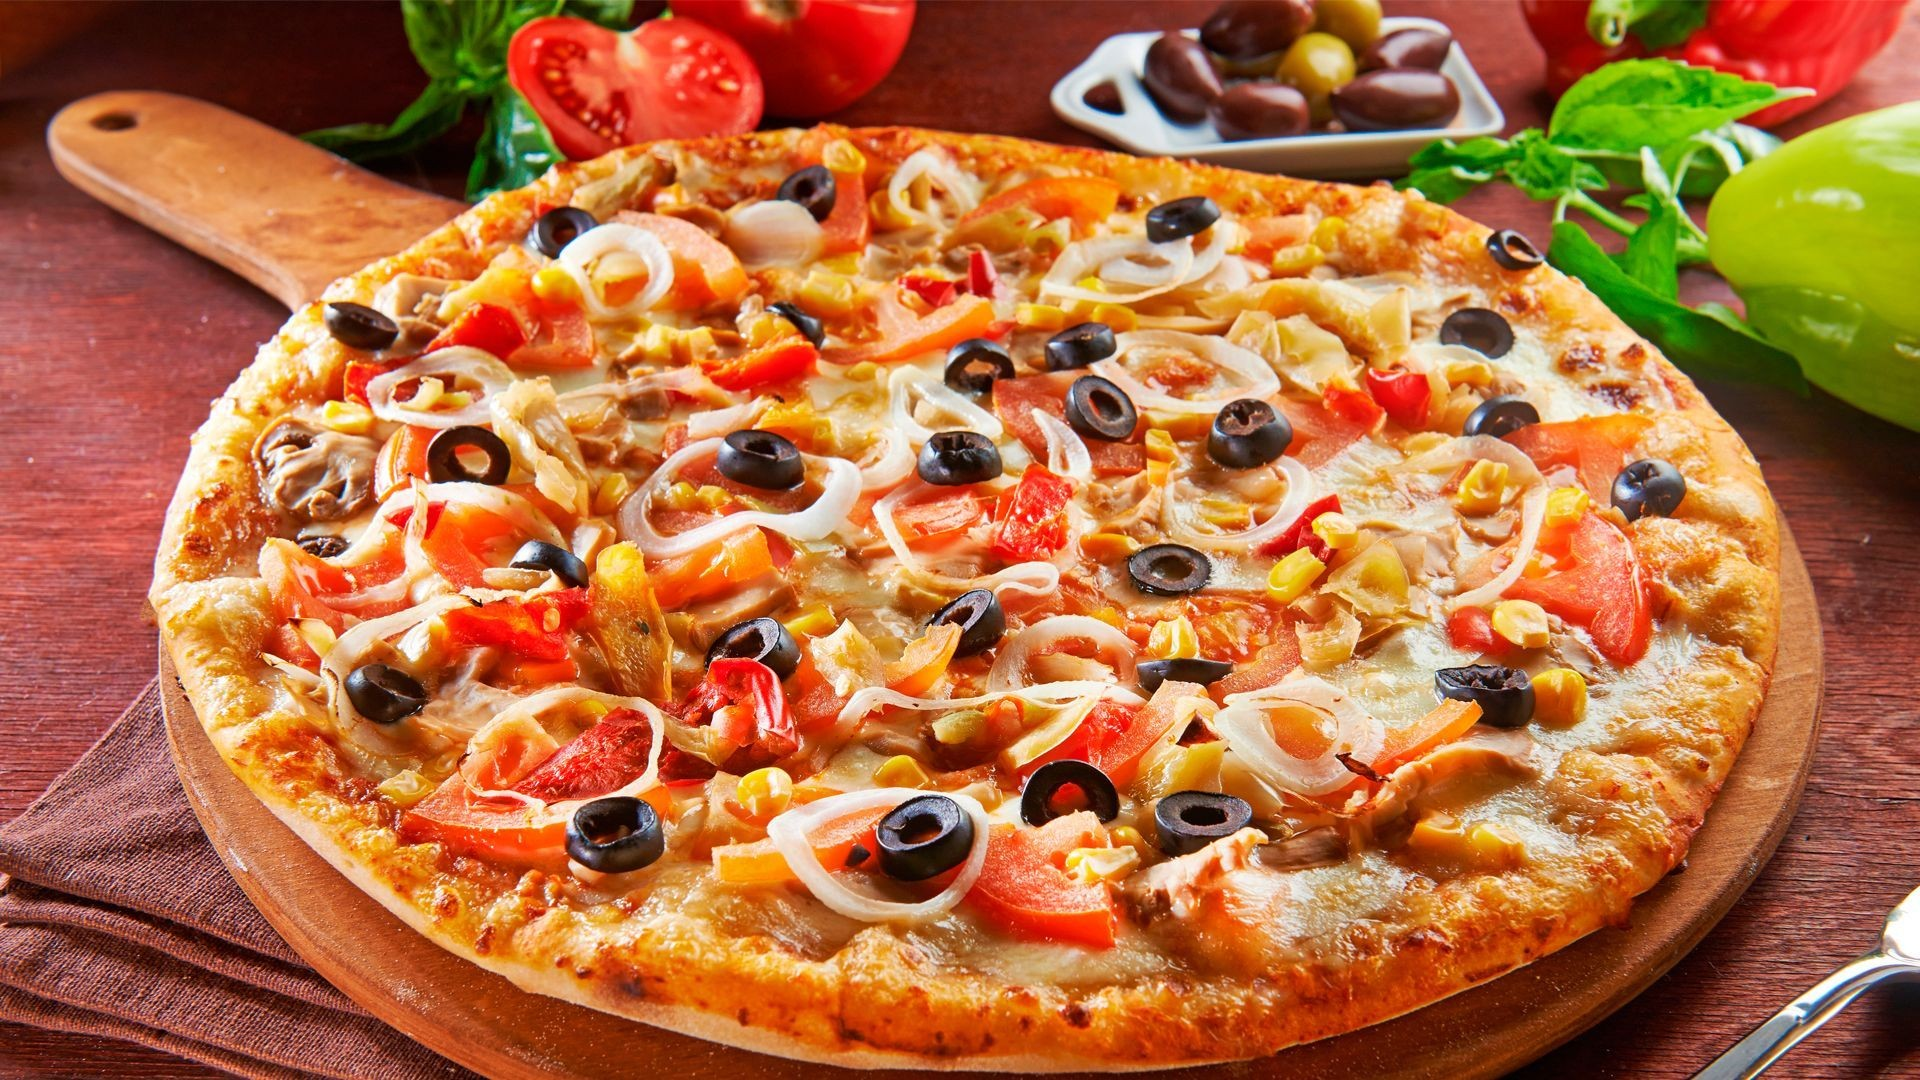 Restaurante italiano con pizzas caseras en Torremolinos